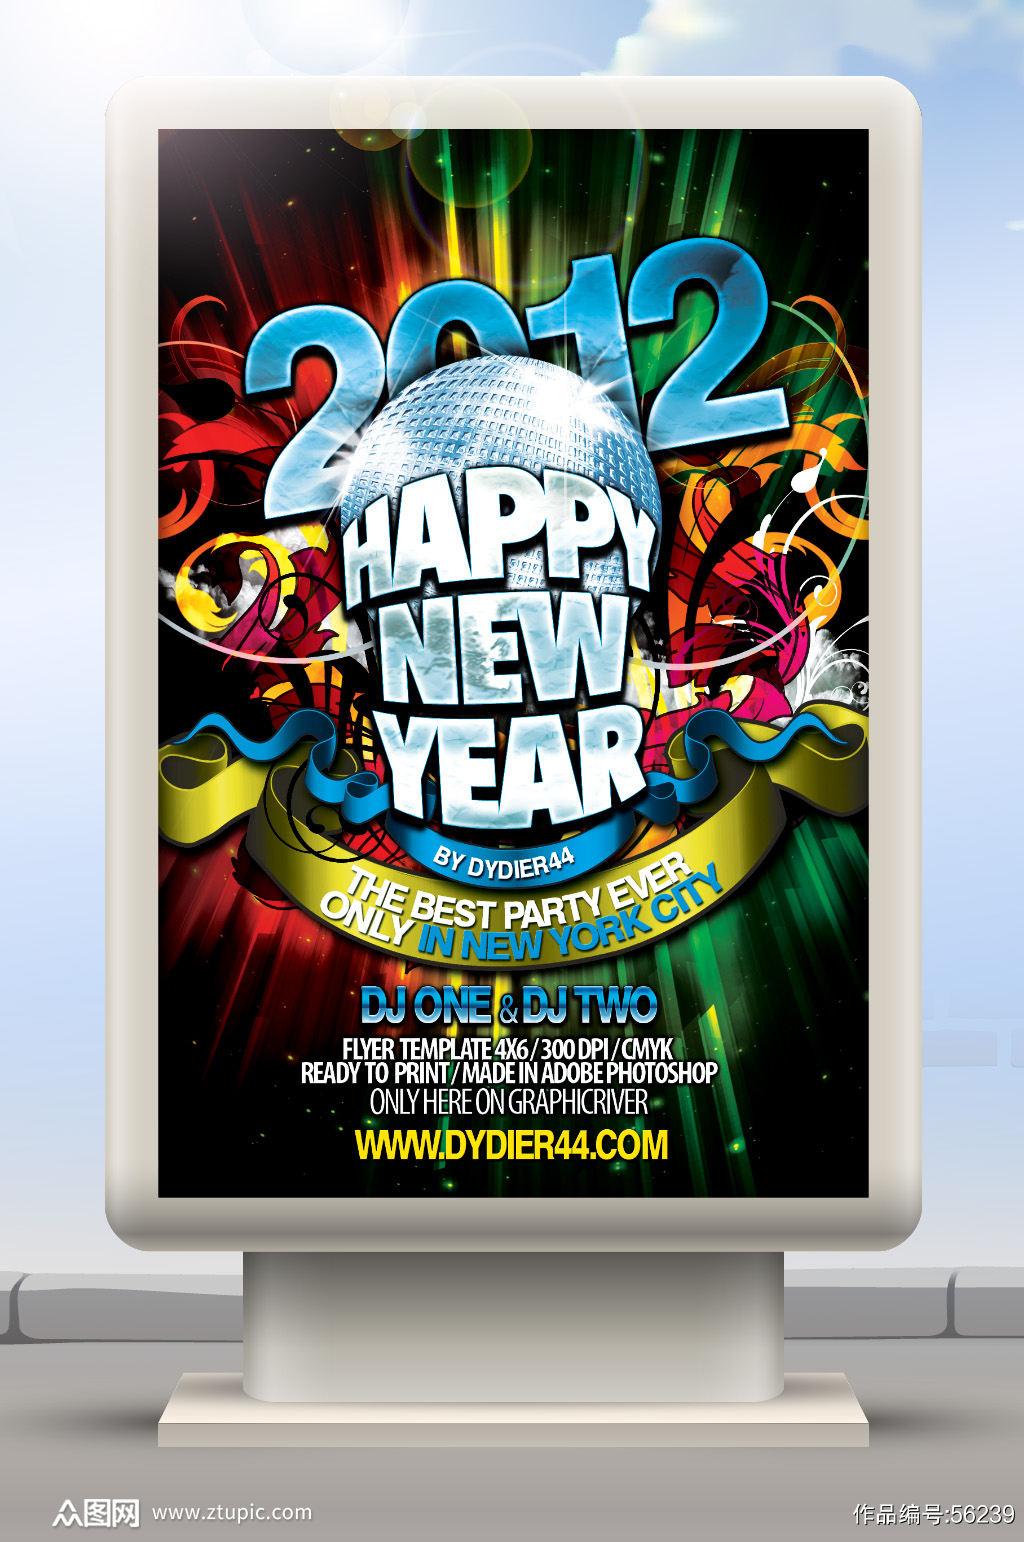 酒吧KTV新年海报素材